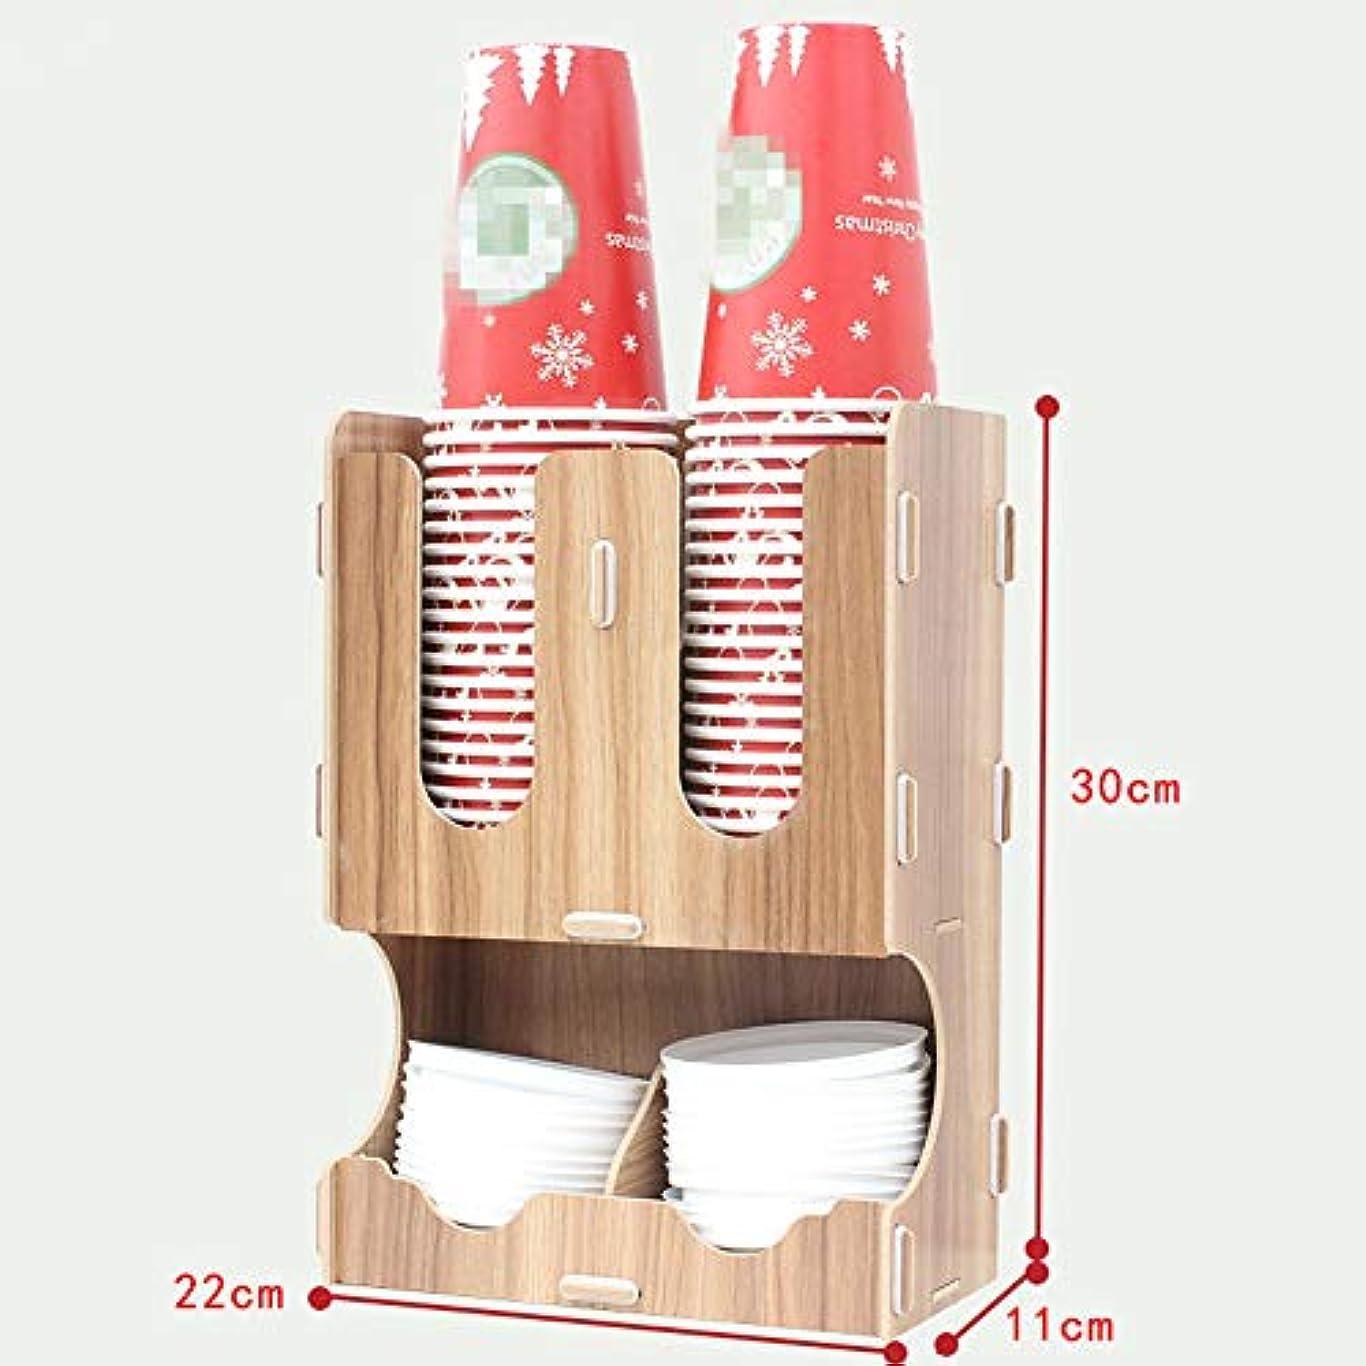 司教チャールズキージングスナッチDiyクリエイティブバーテーブル紙コップ収納ラックカフェ巻き取りカップホルダードリンクわらオーガナイザー商業家庭